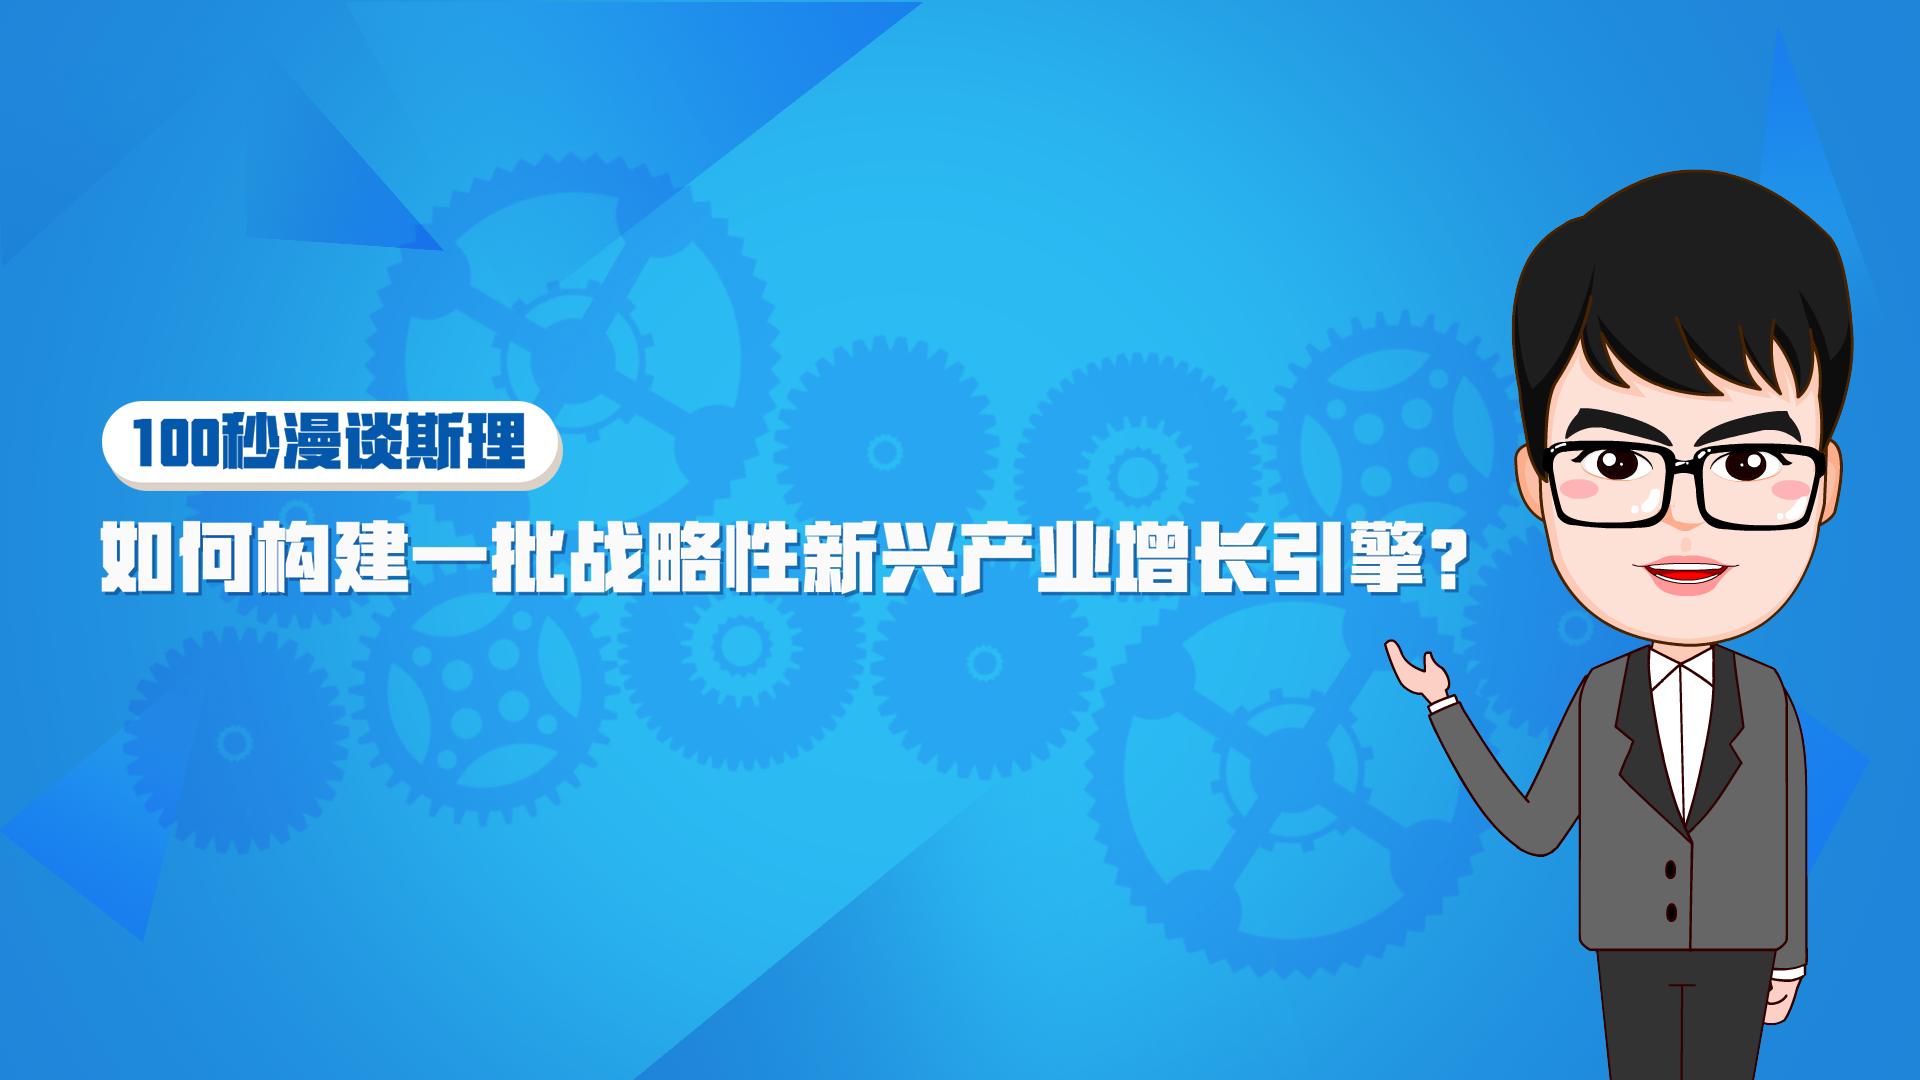 【100秒漫談斯理】如何構建一批戰略性新興産業增長引擎?